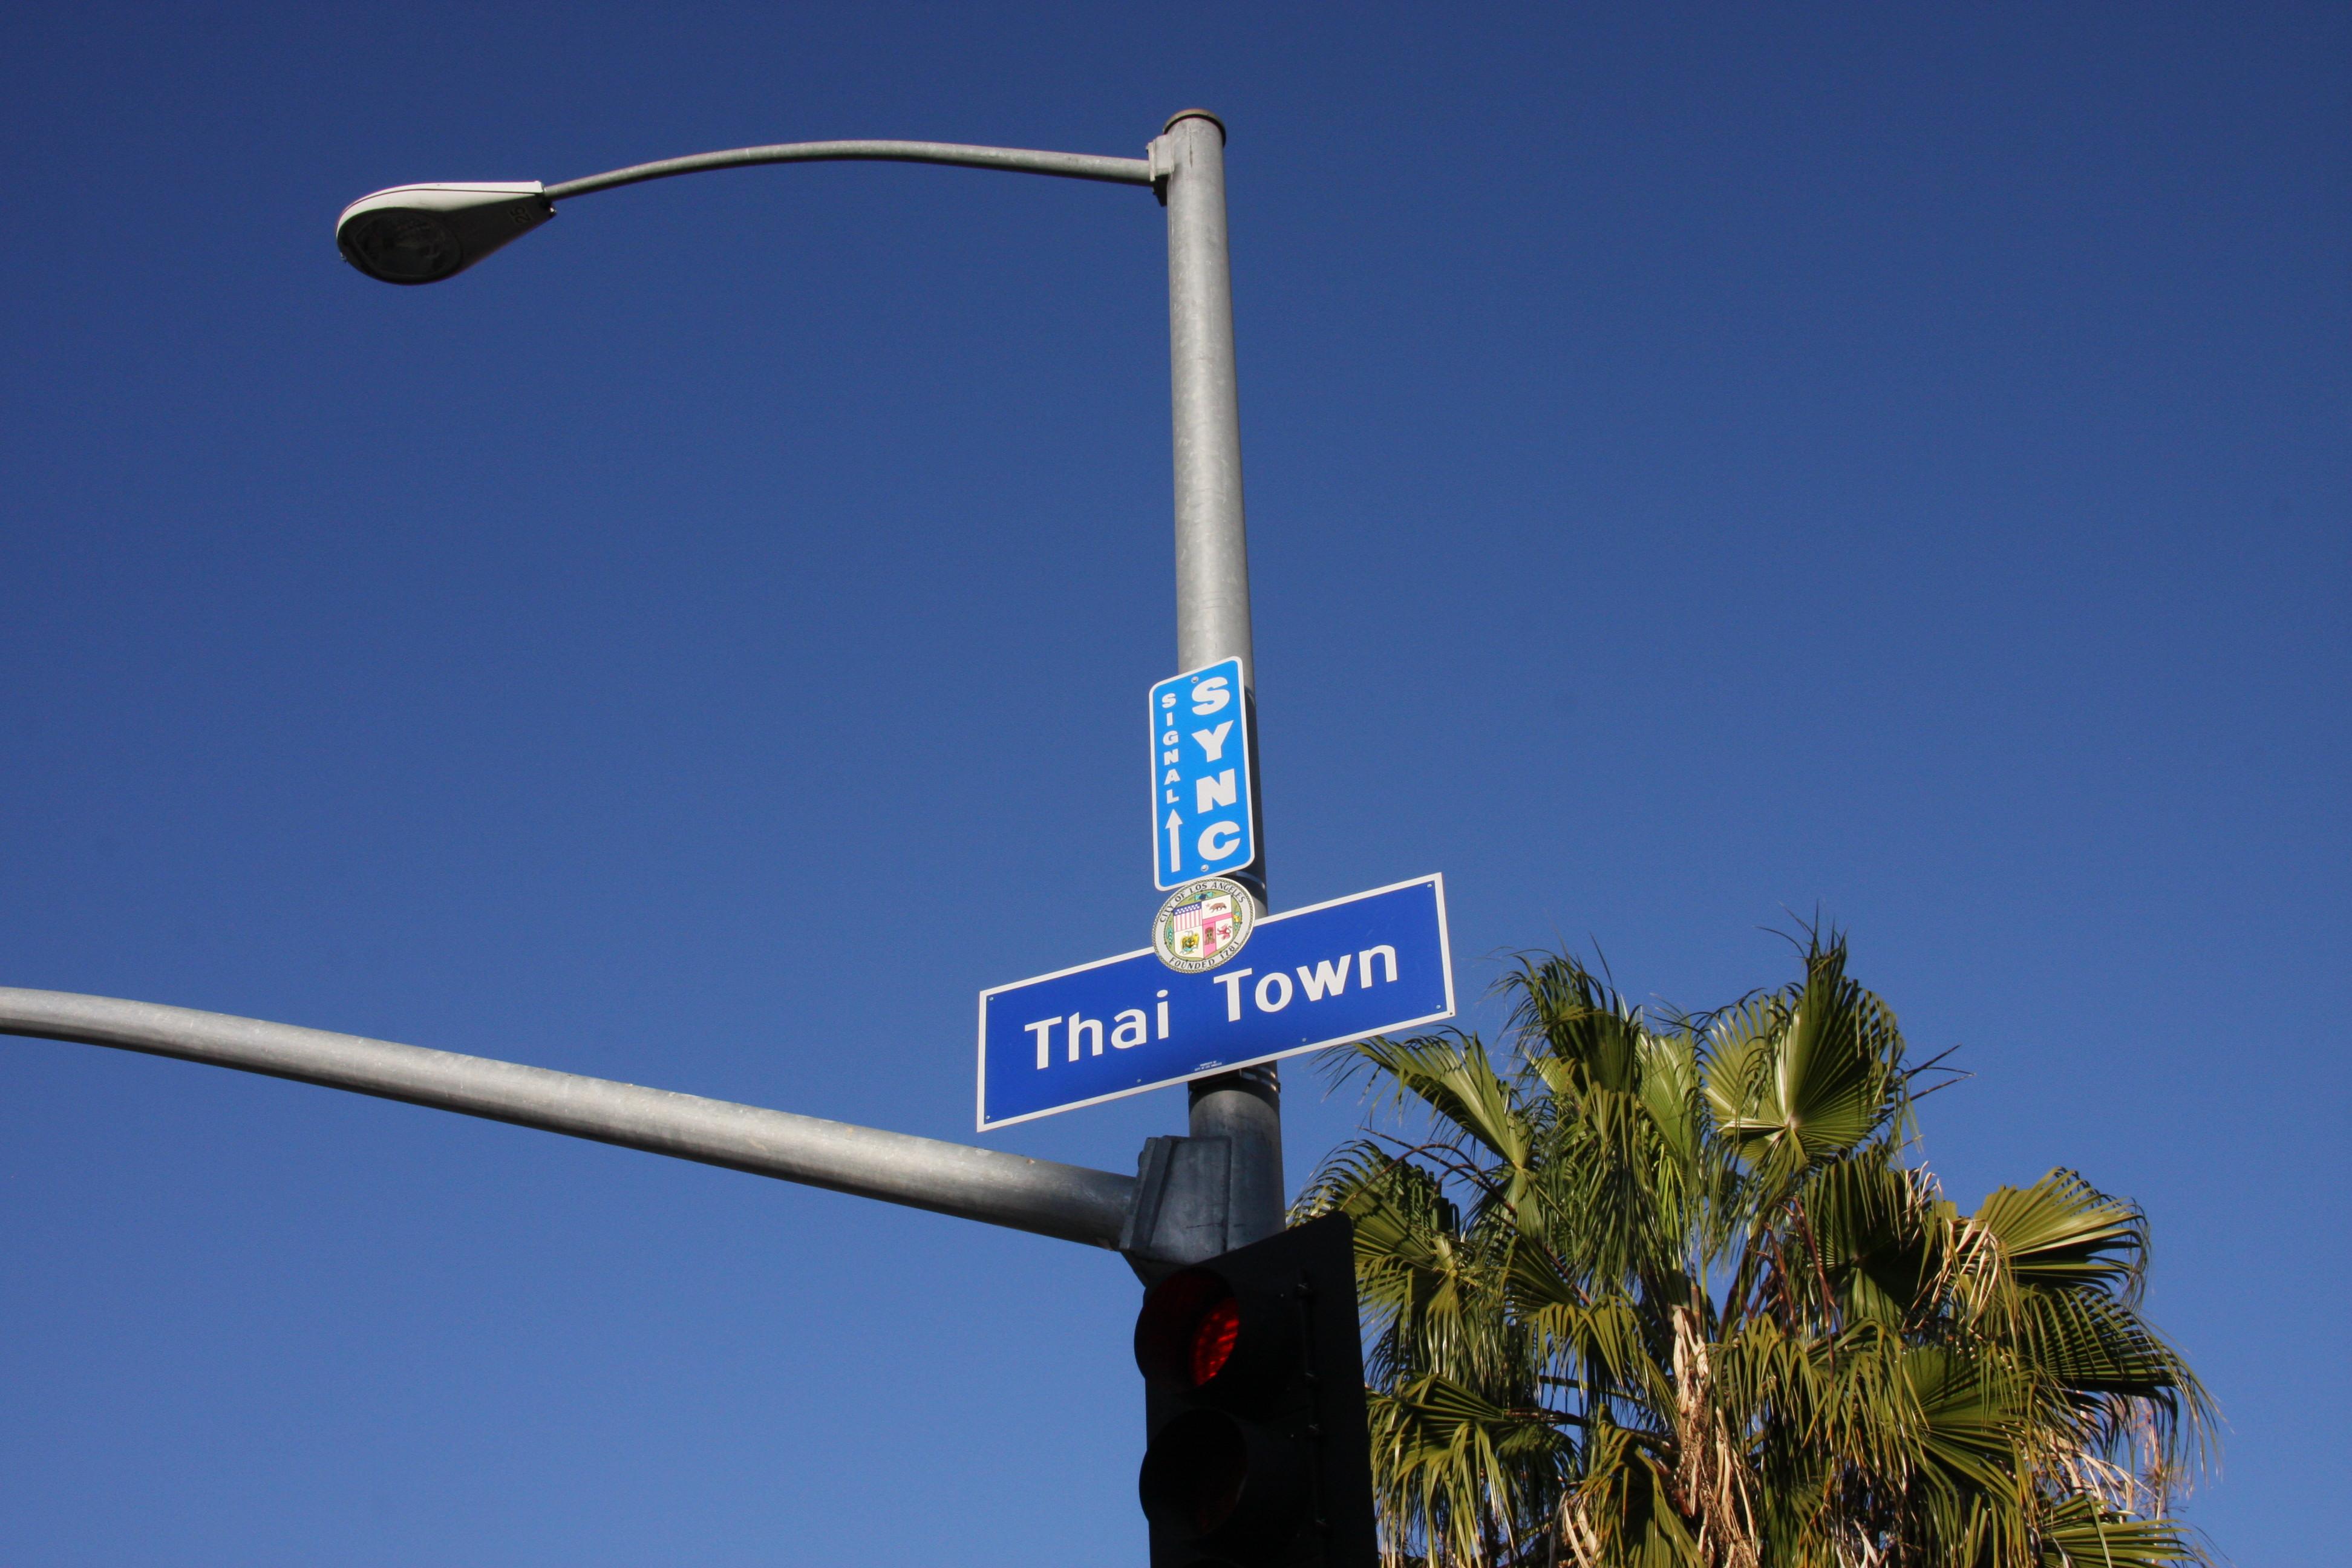 Thai Town